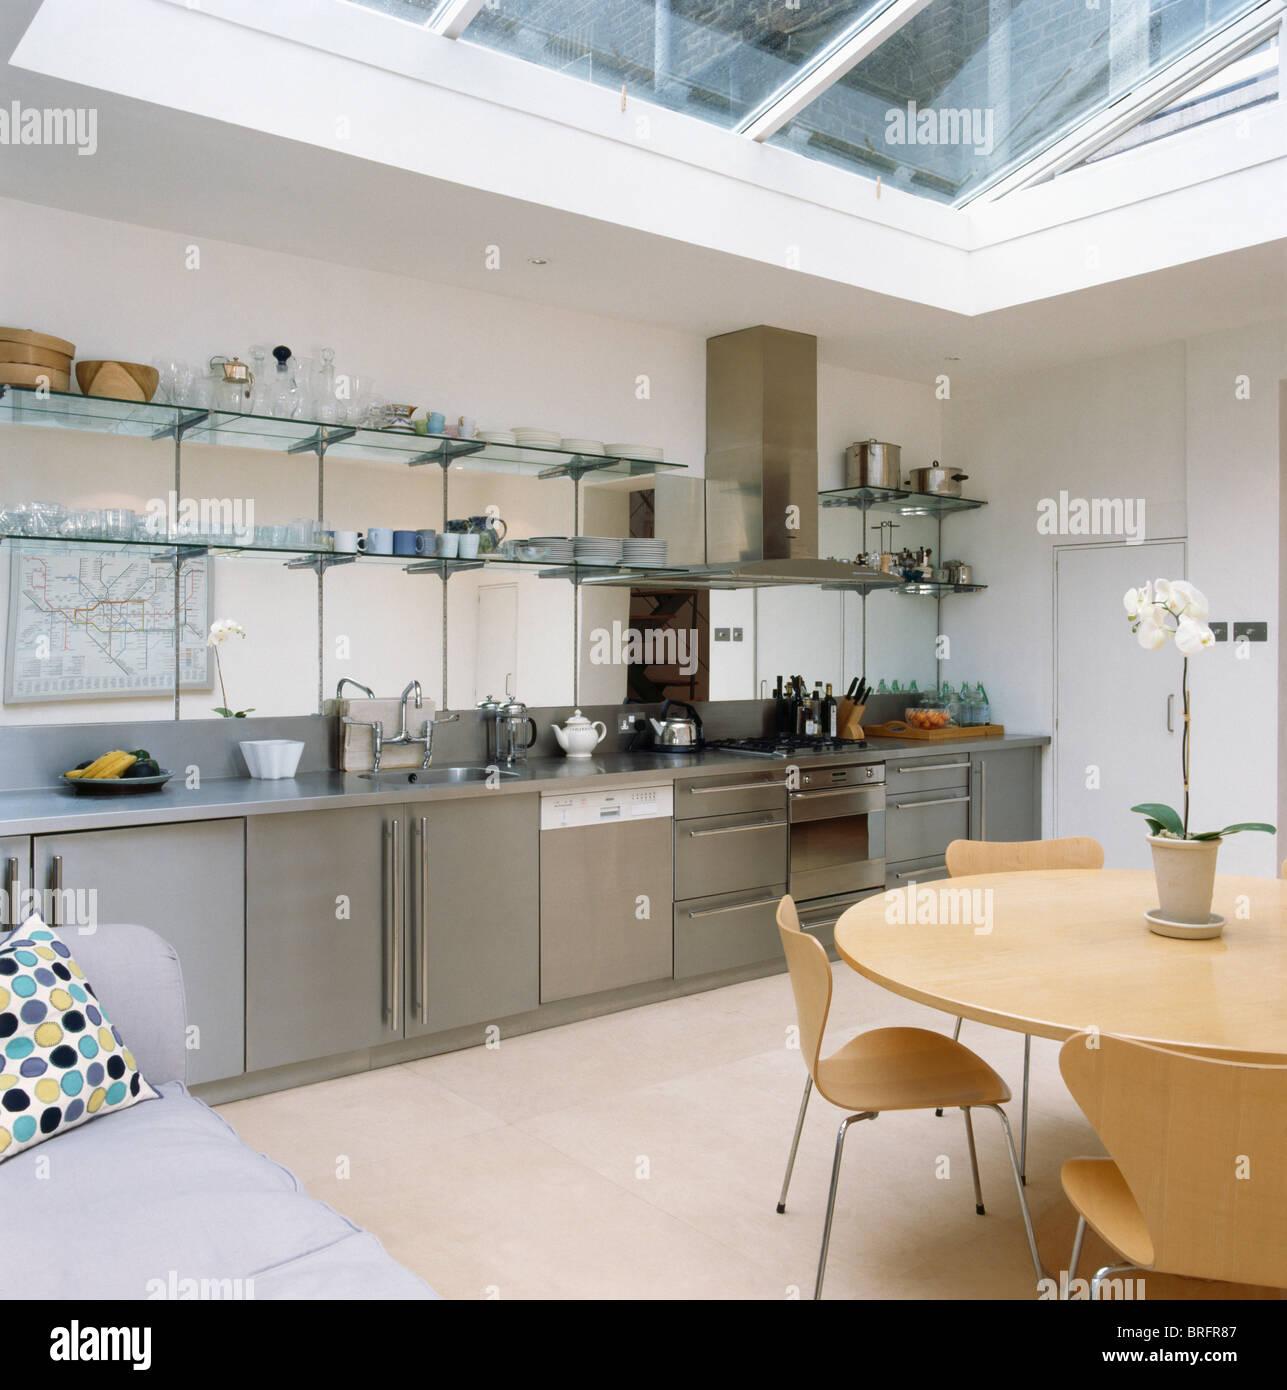 Prateleiras De Vidro Acima De Unidades De A O Inoxid Vel Na Cozinha